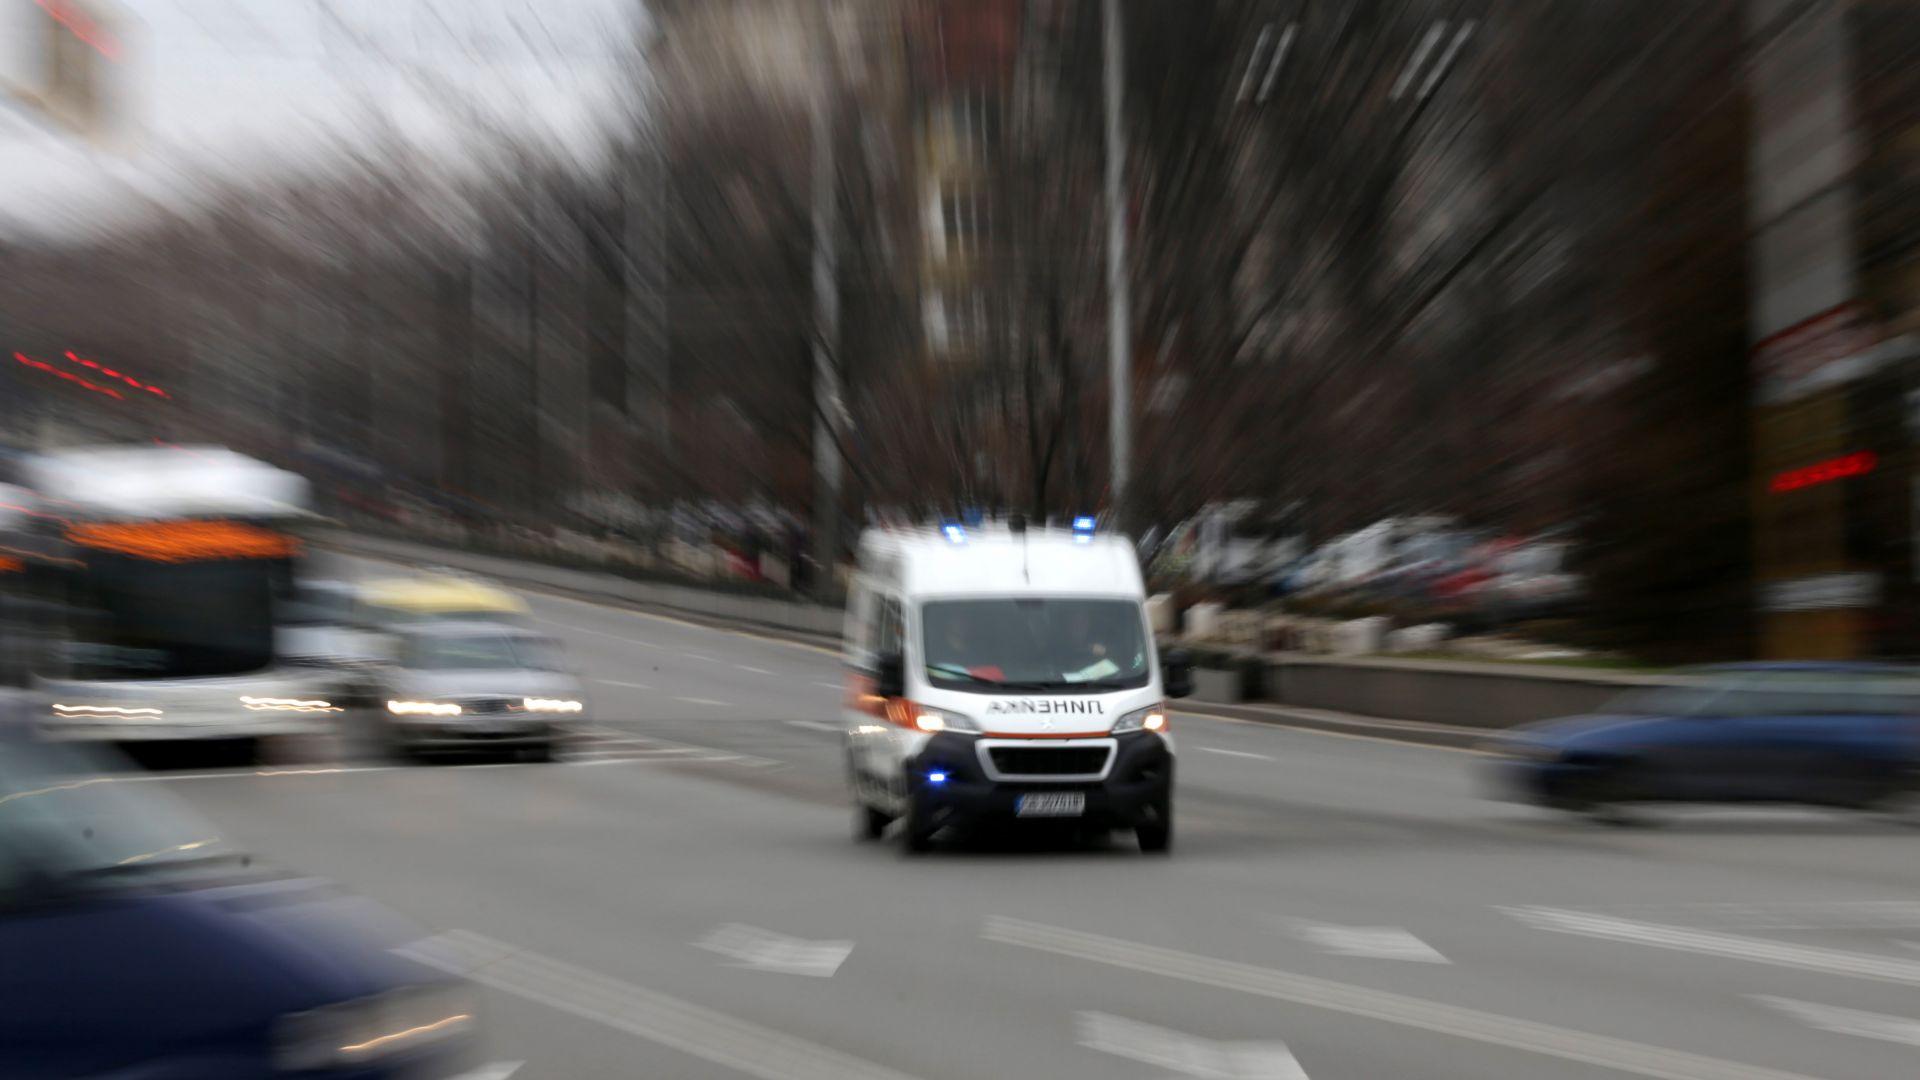 Тролей блъсна 11-годишно дете в близост до Софийския университет и Орлов мост